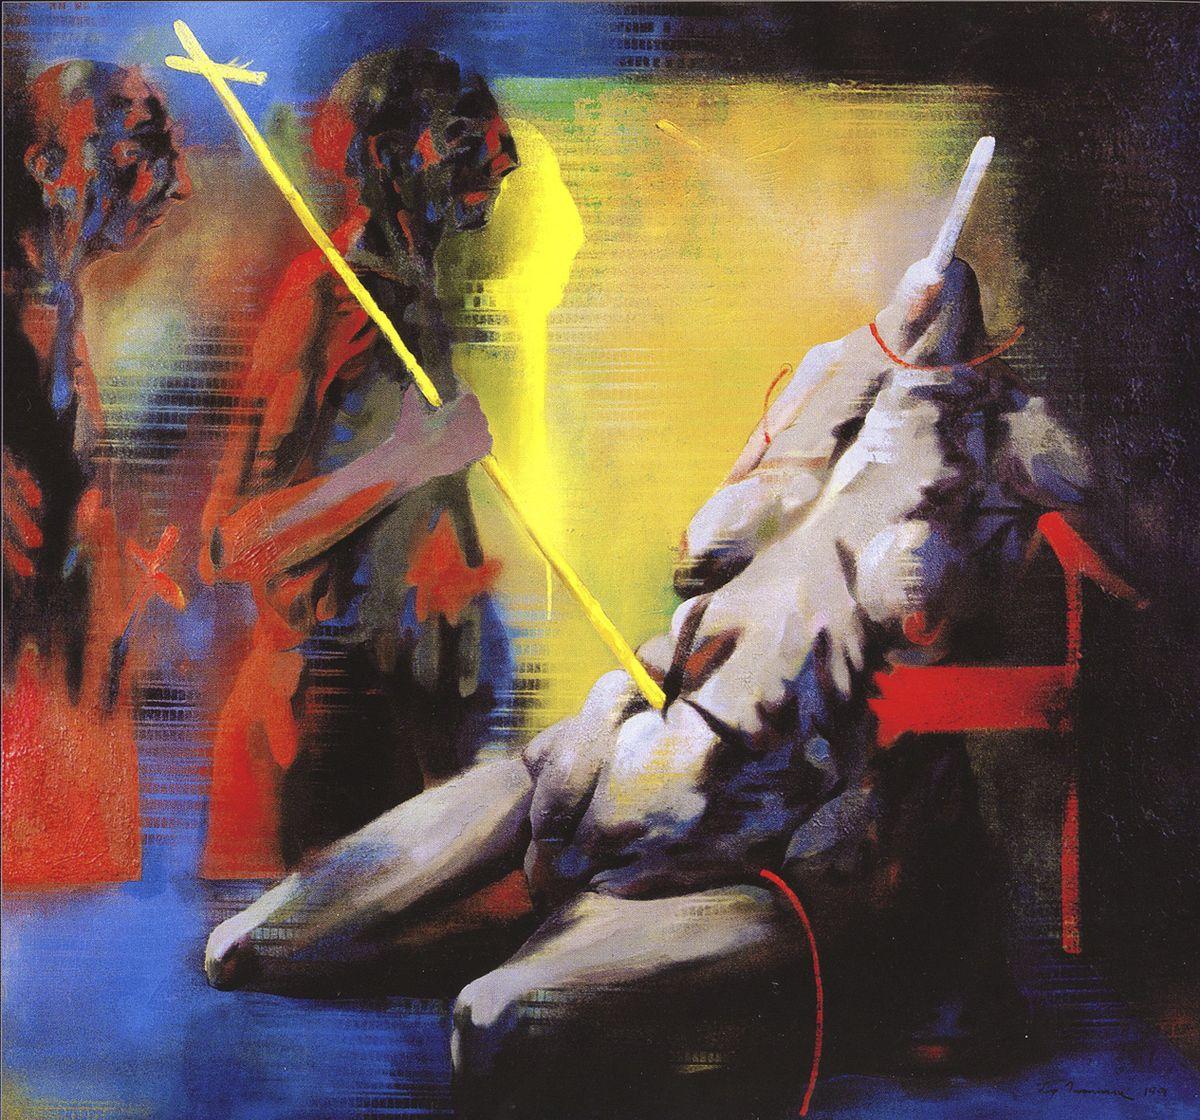 Ігор Подольчак. Екзорцизм, 1990